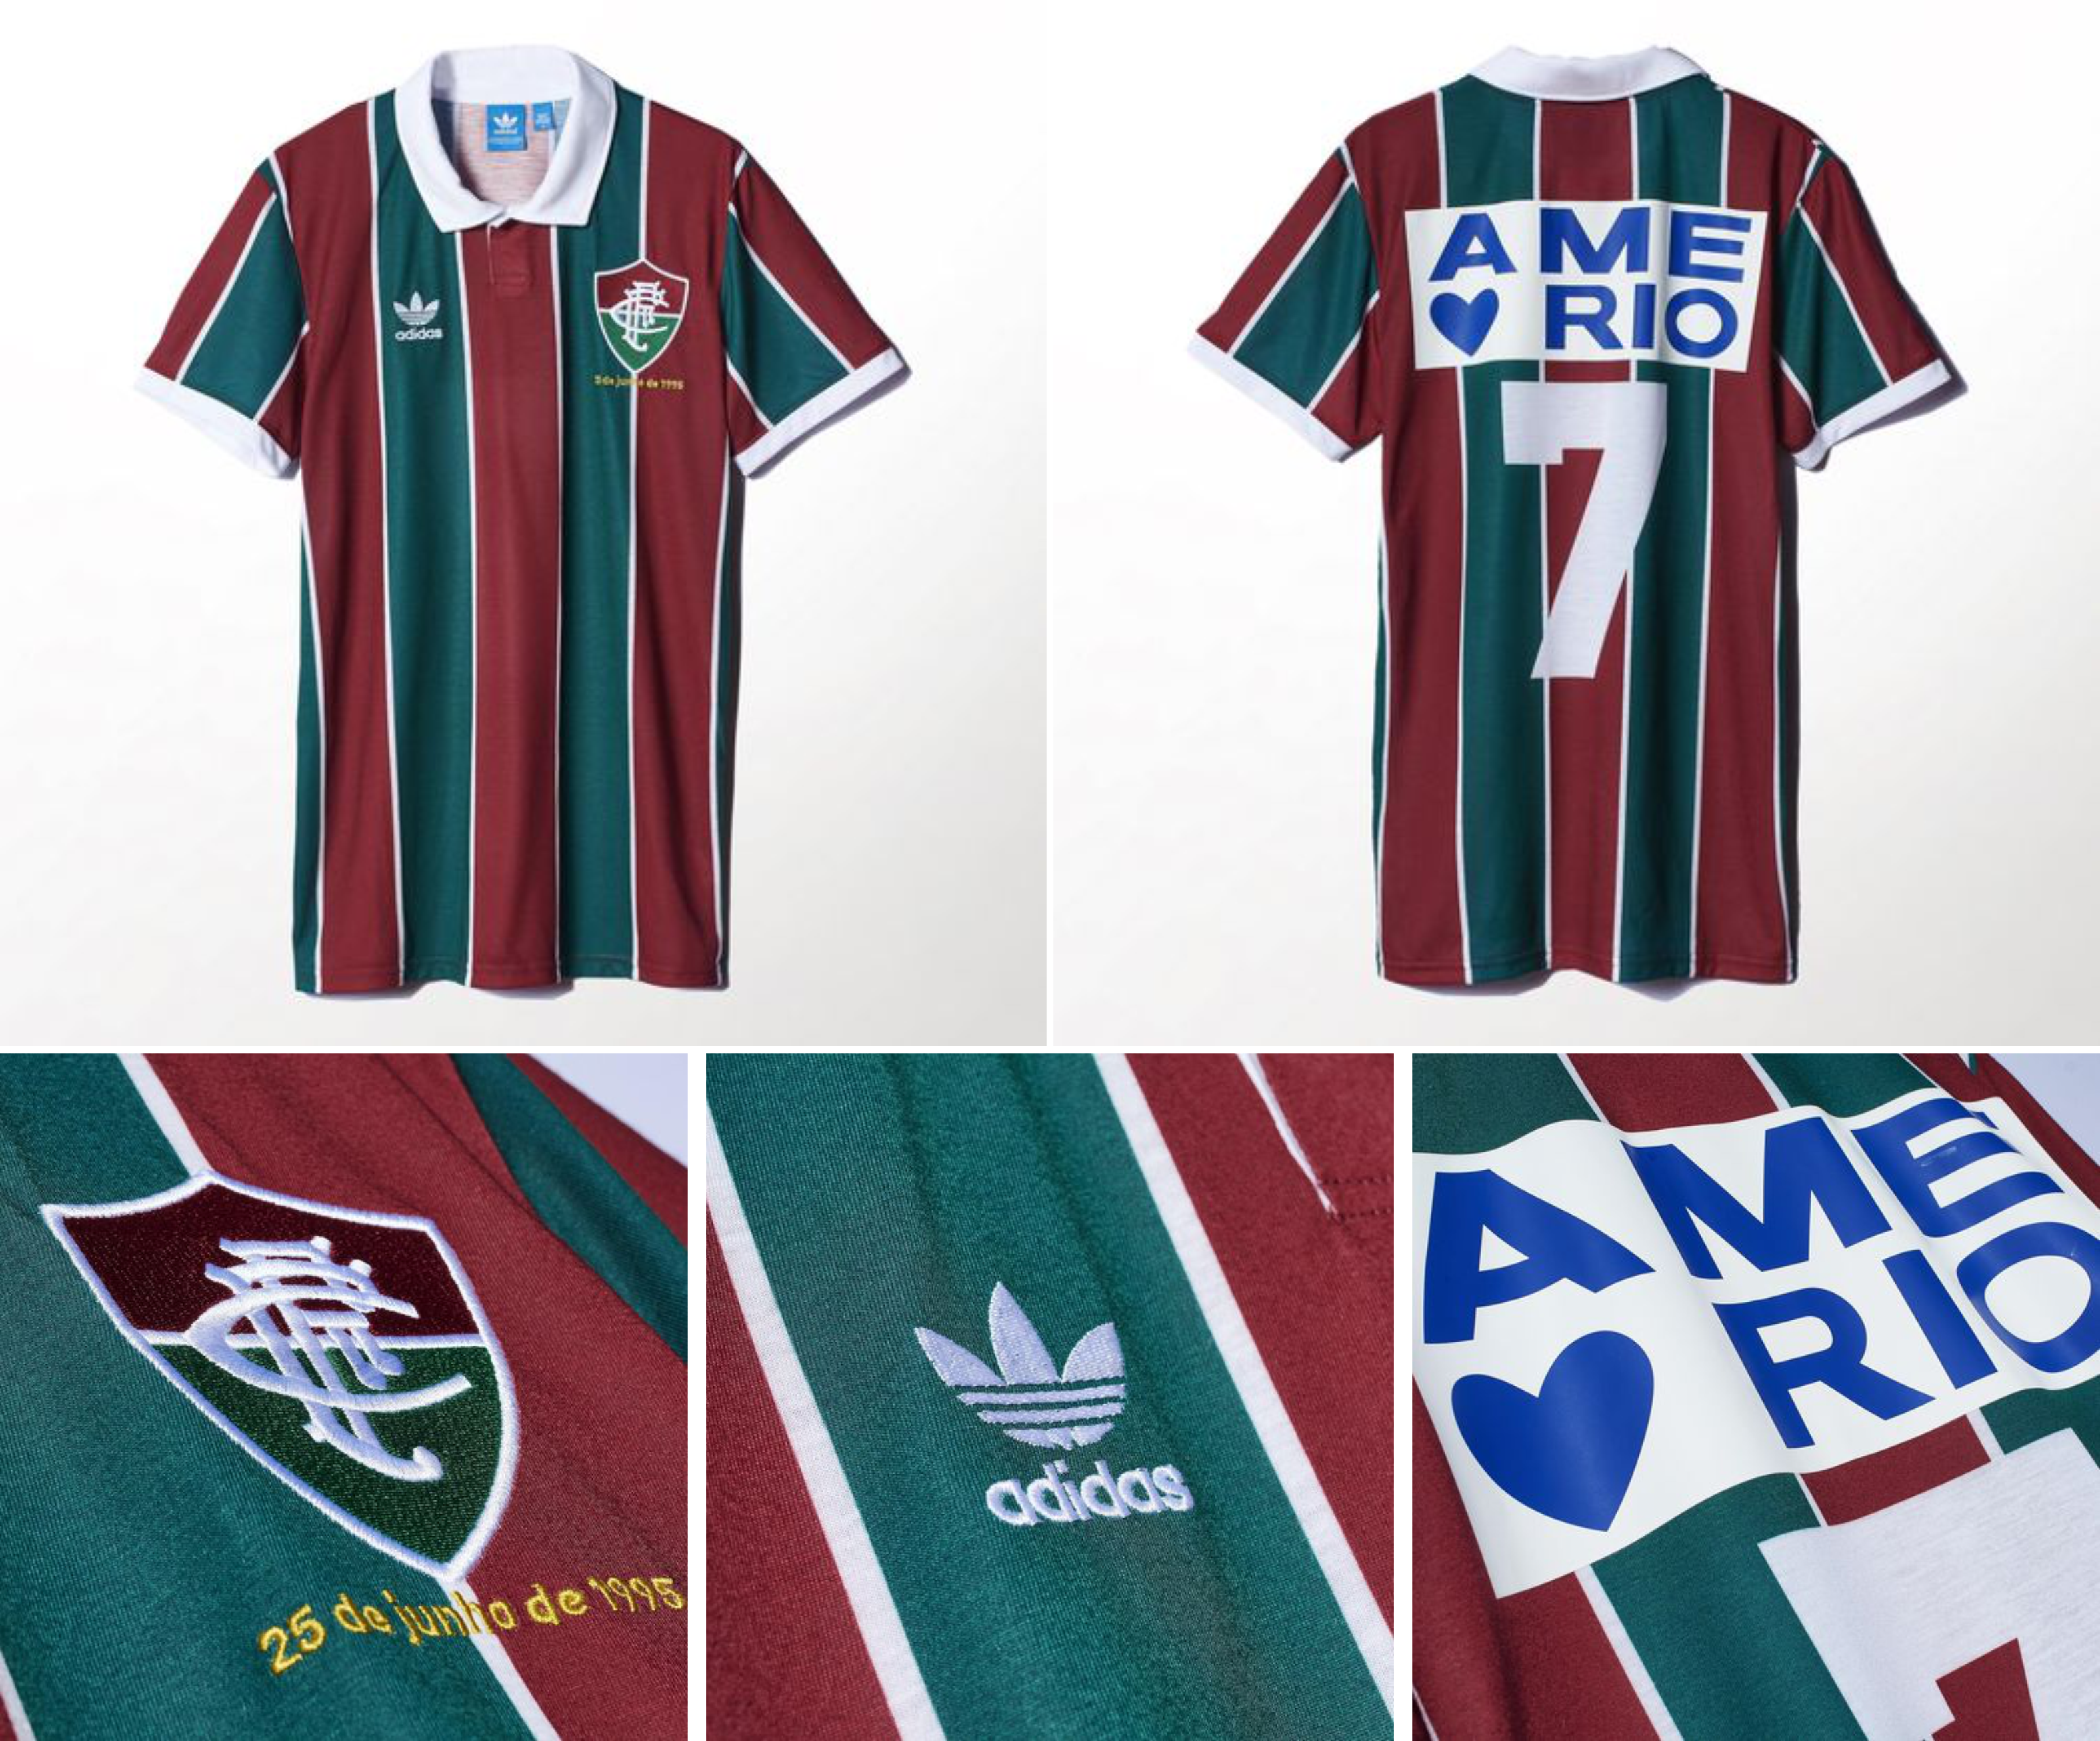 Mais um excelente trabalho da Adidas para o Fluminense. Gostei muito do  novo kit away e do manto comemorativo. Não sei se as duas e04f9ad3820f5